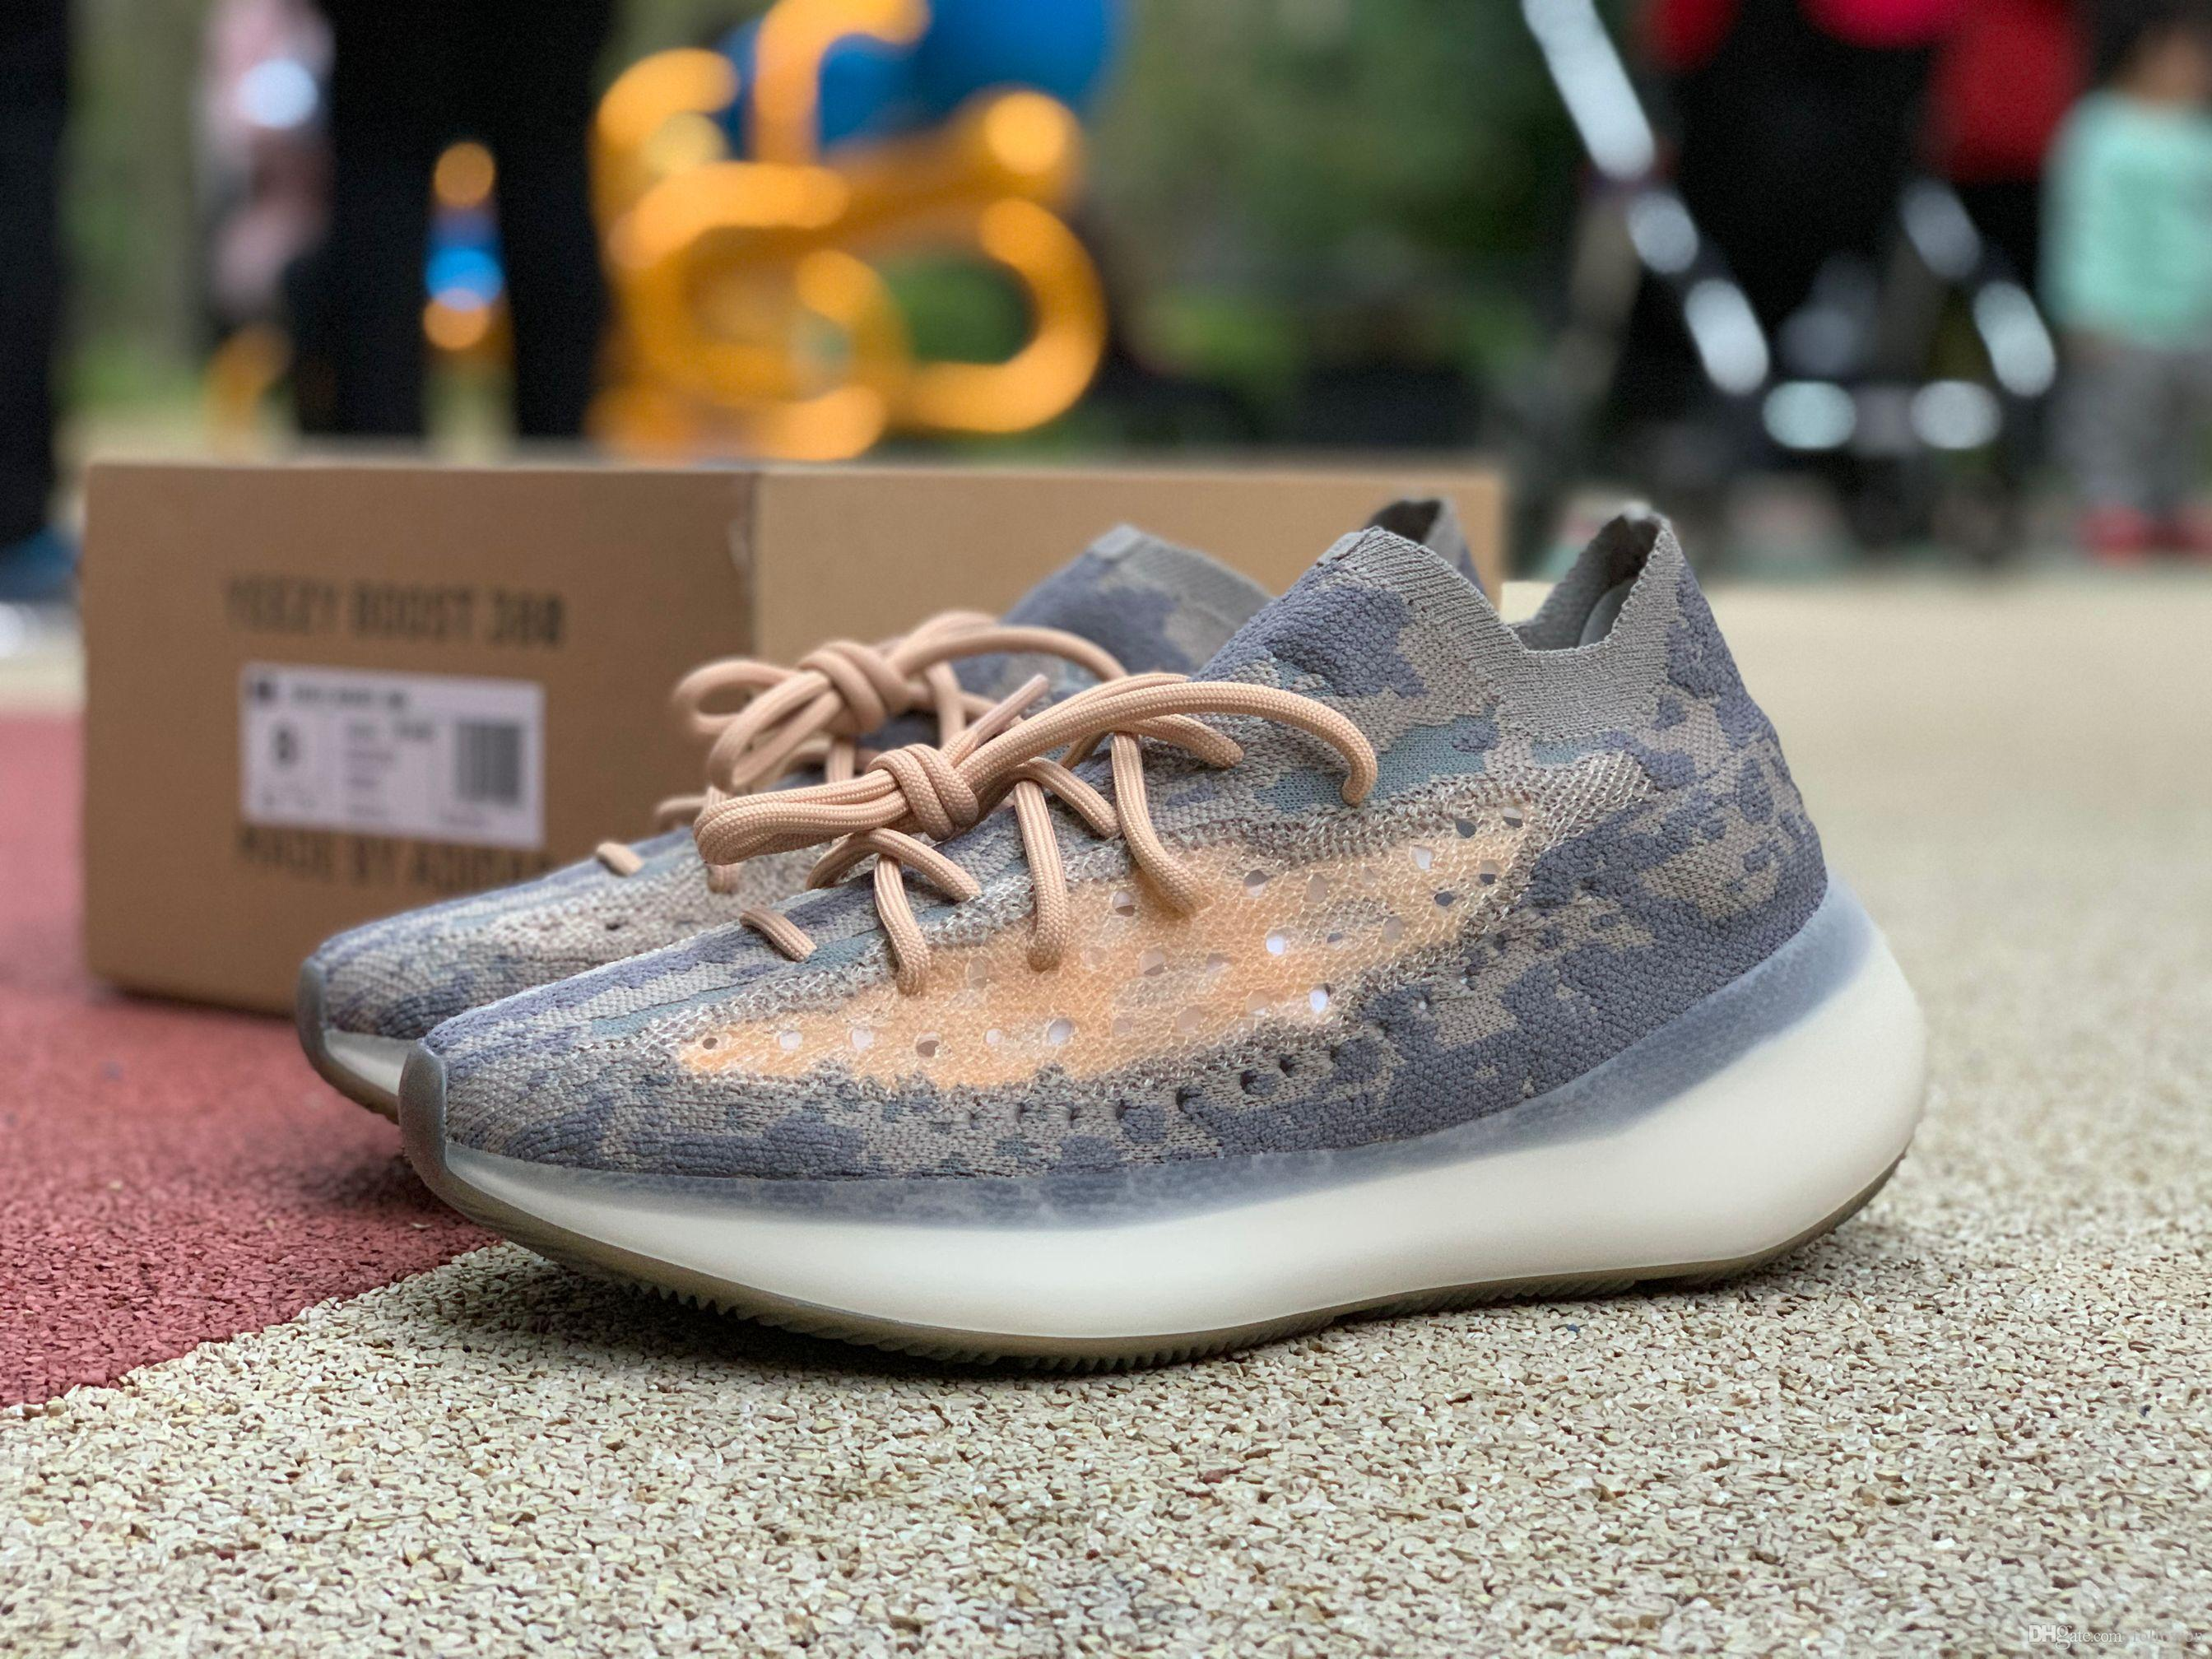 2020 sapatos de luxo Nova marca de moda fora homens mulheres plataforma Kanye tênis para homens tênis branco basquete designer de instrutor sapato